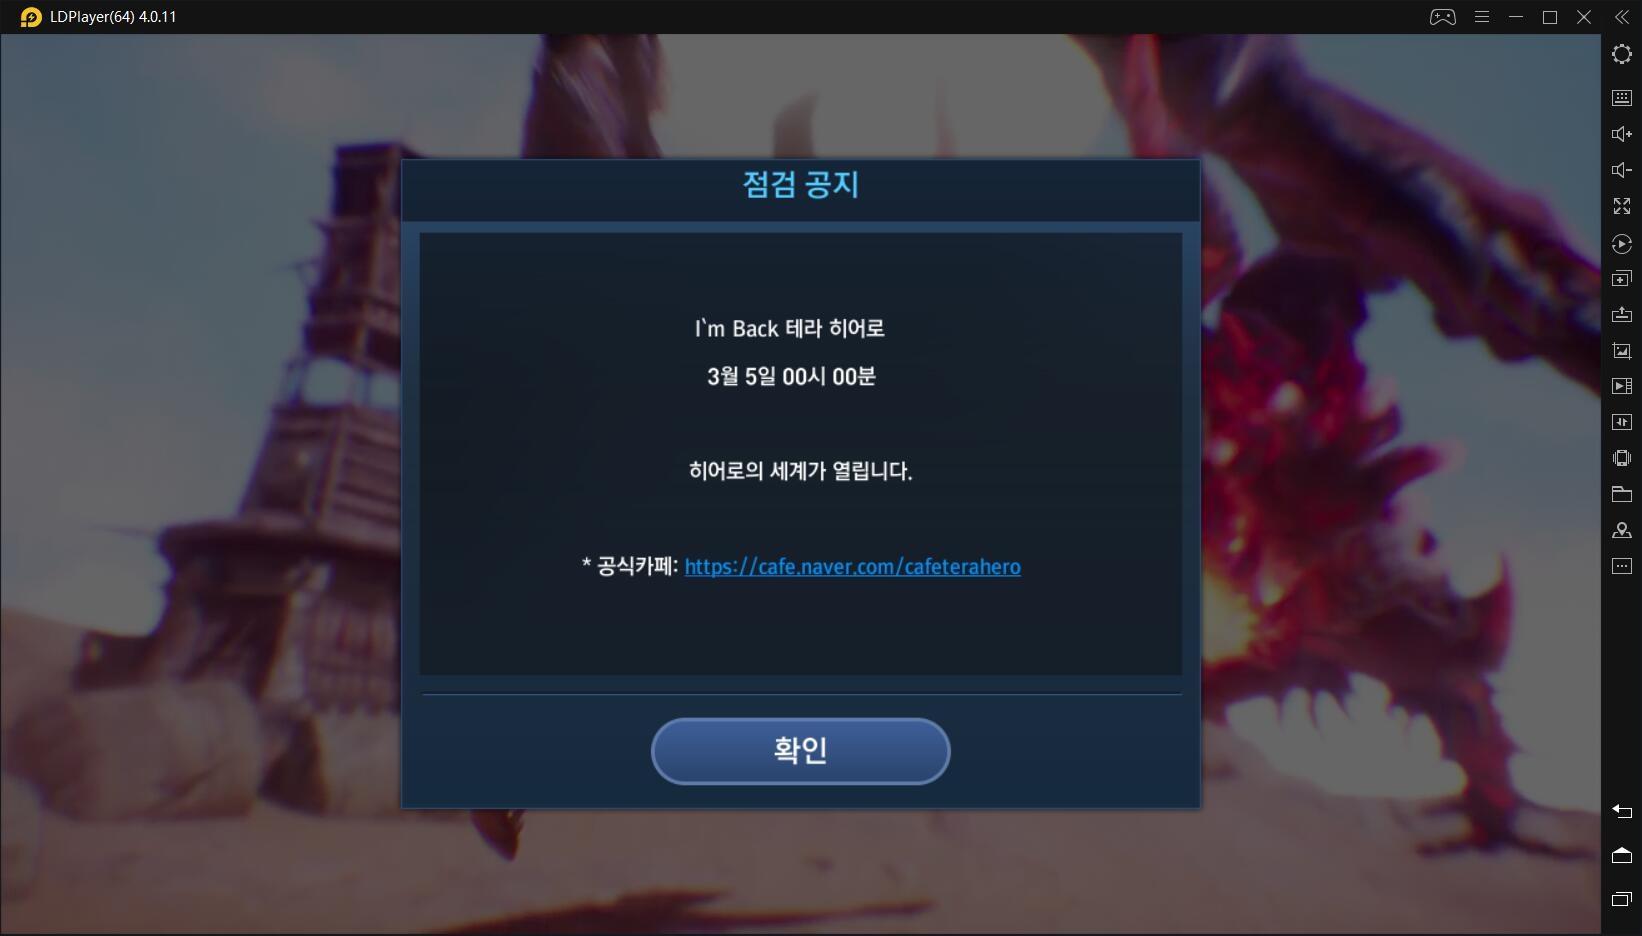 테라 히어로 게임 설치 오류 관련 공지